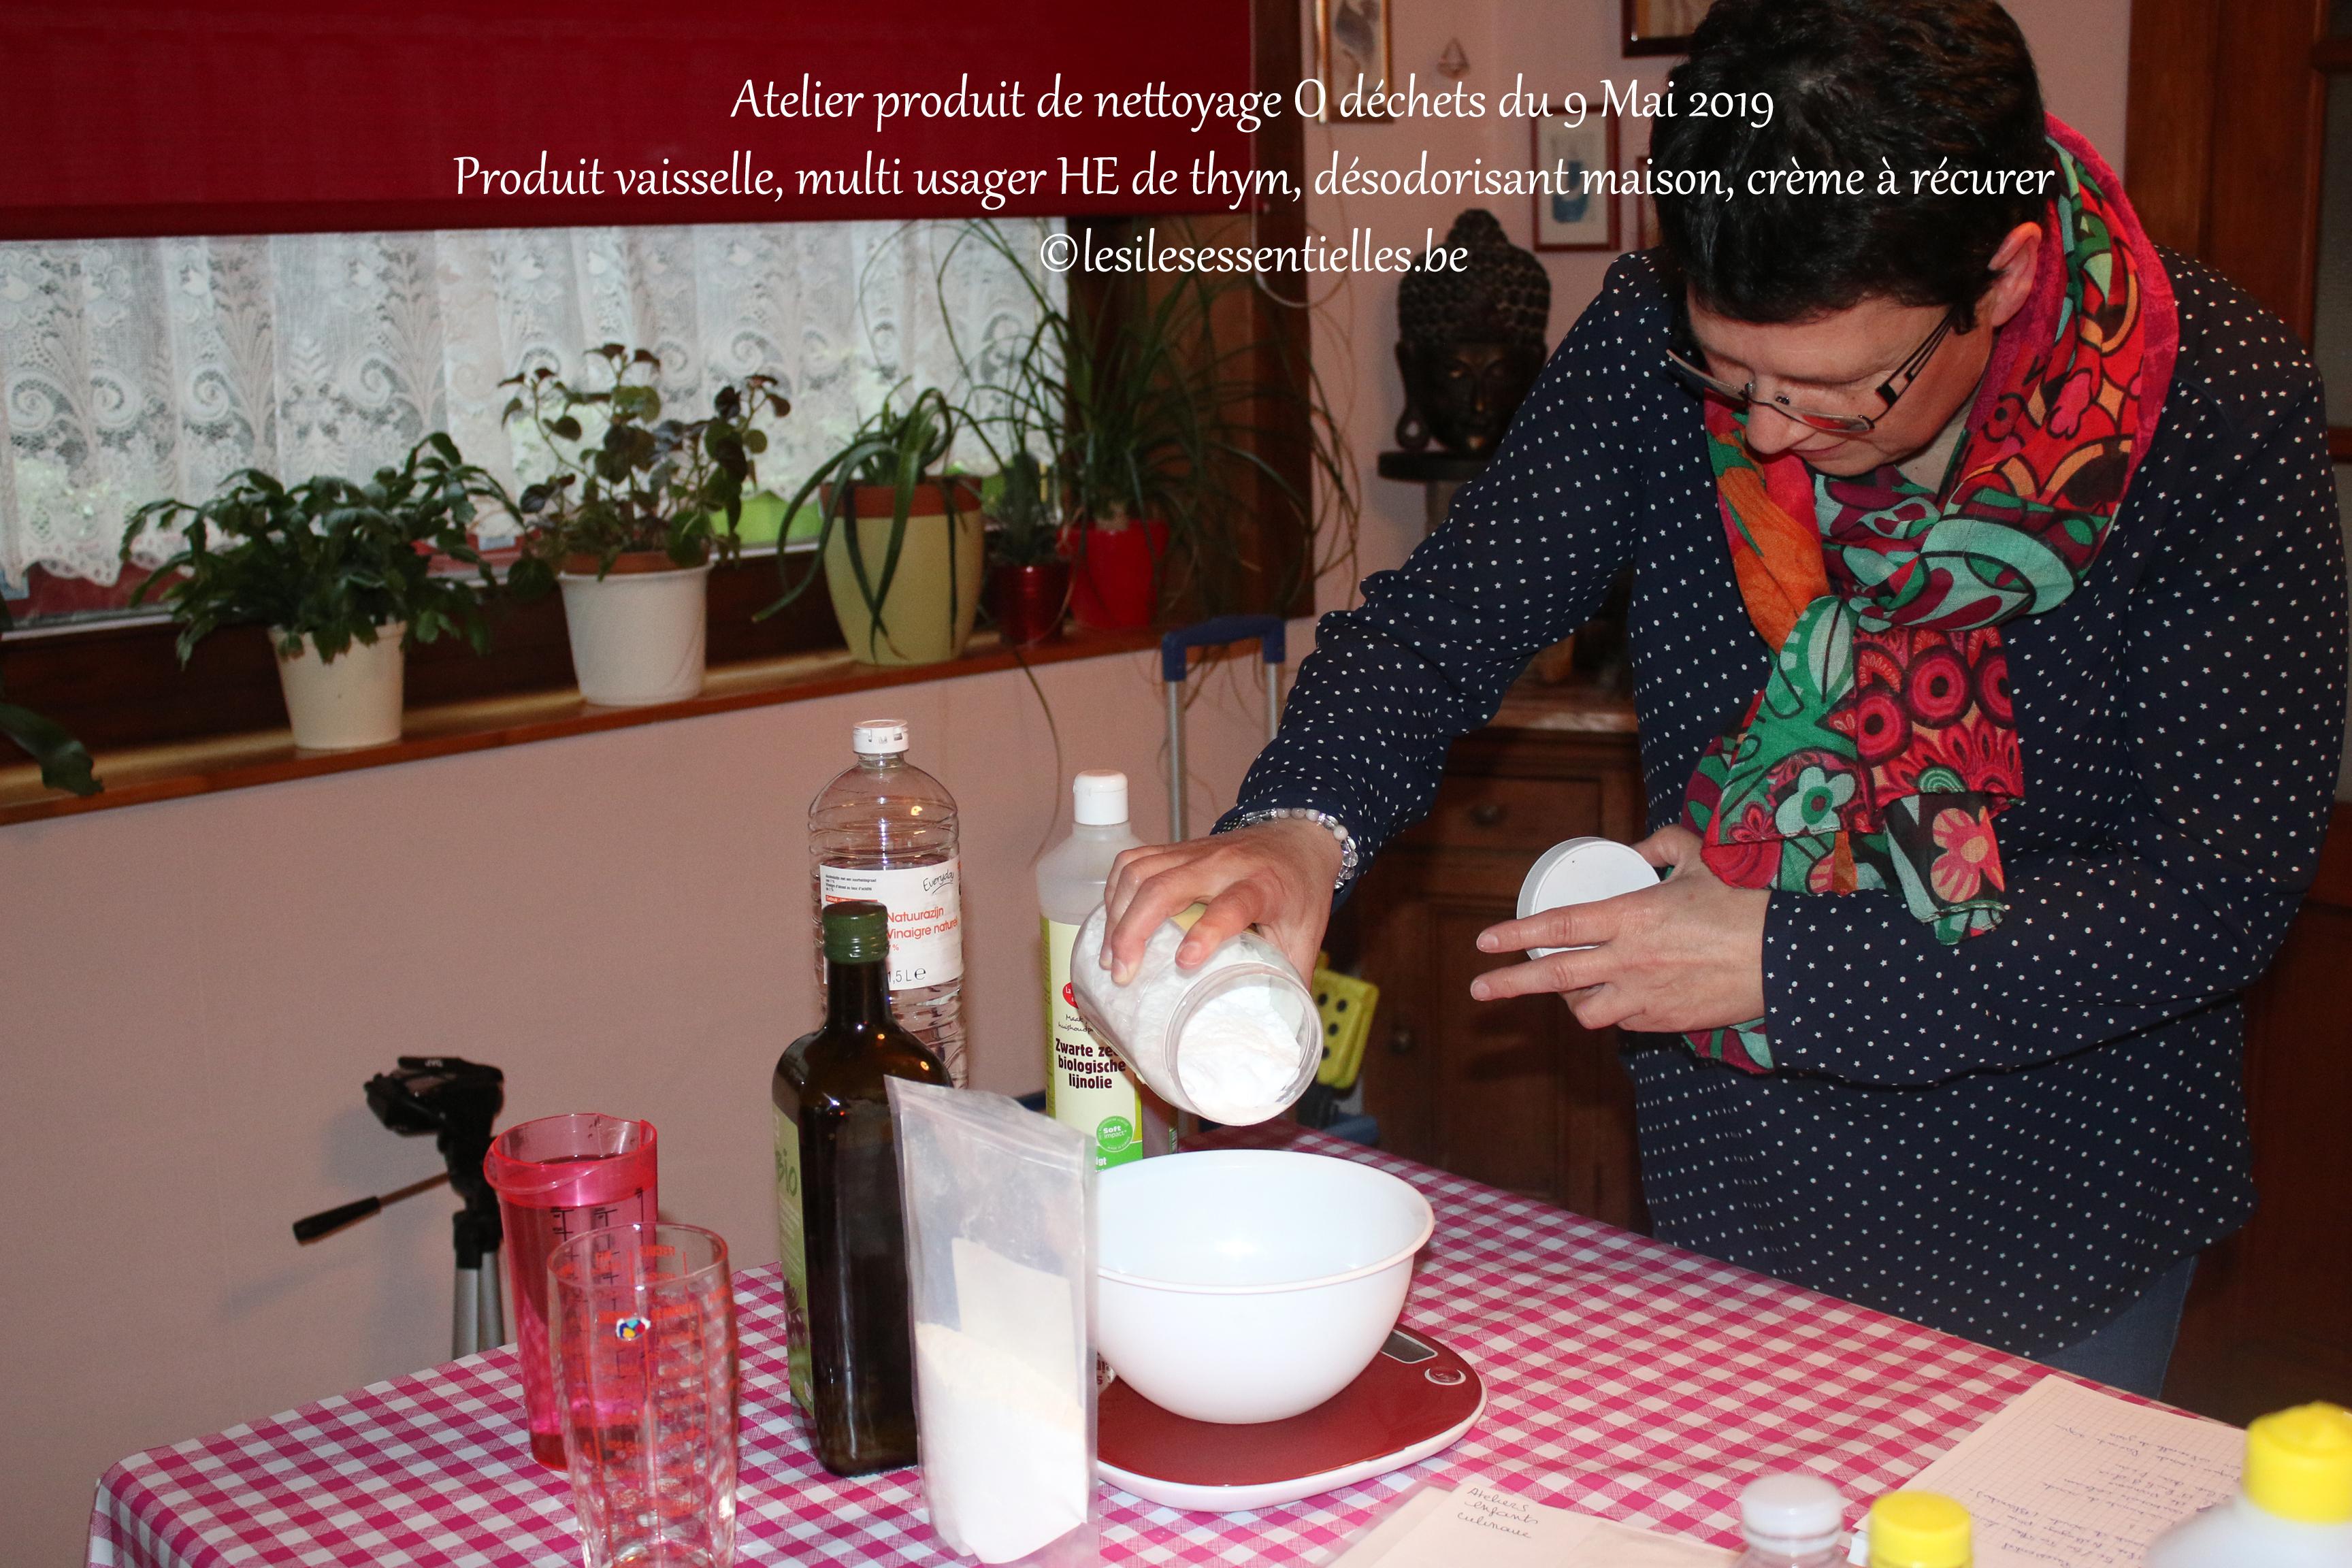 Produit vaisselle, multi usager HE de thym, désodorisant maison, crème à récurer